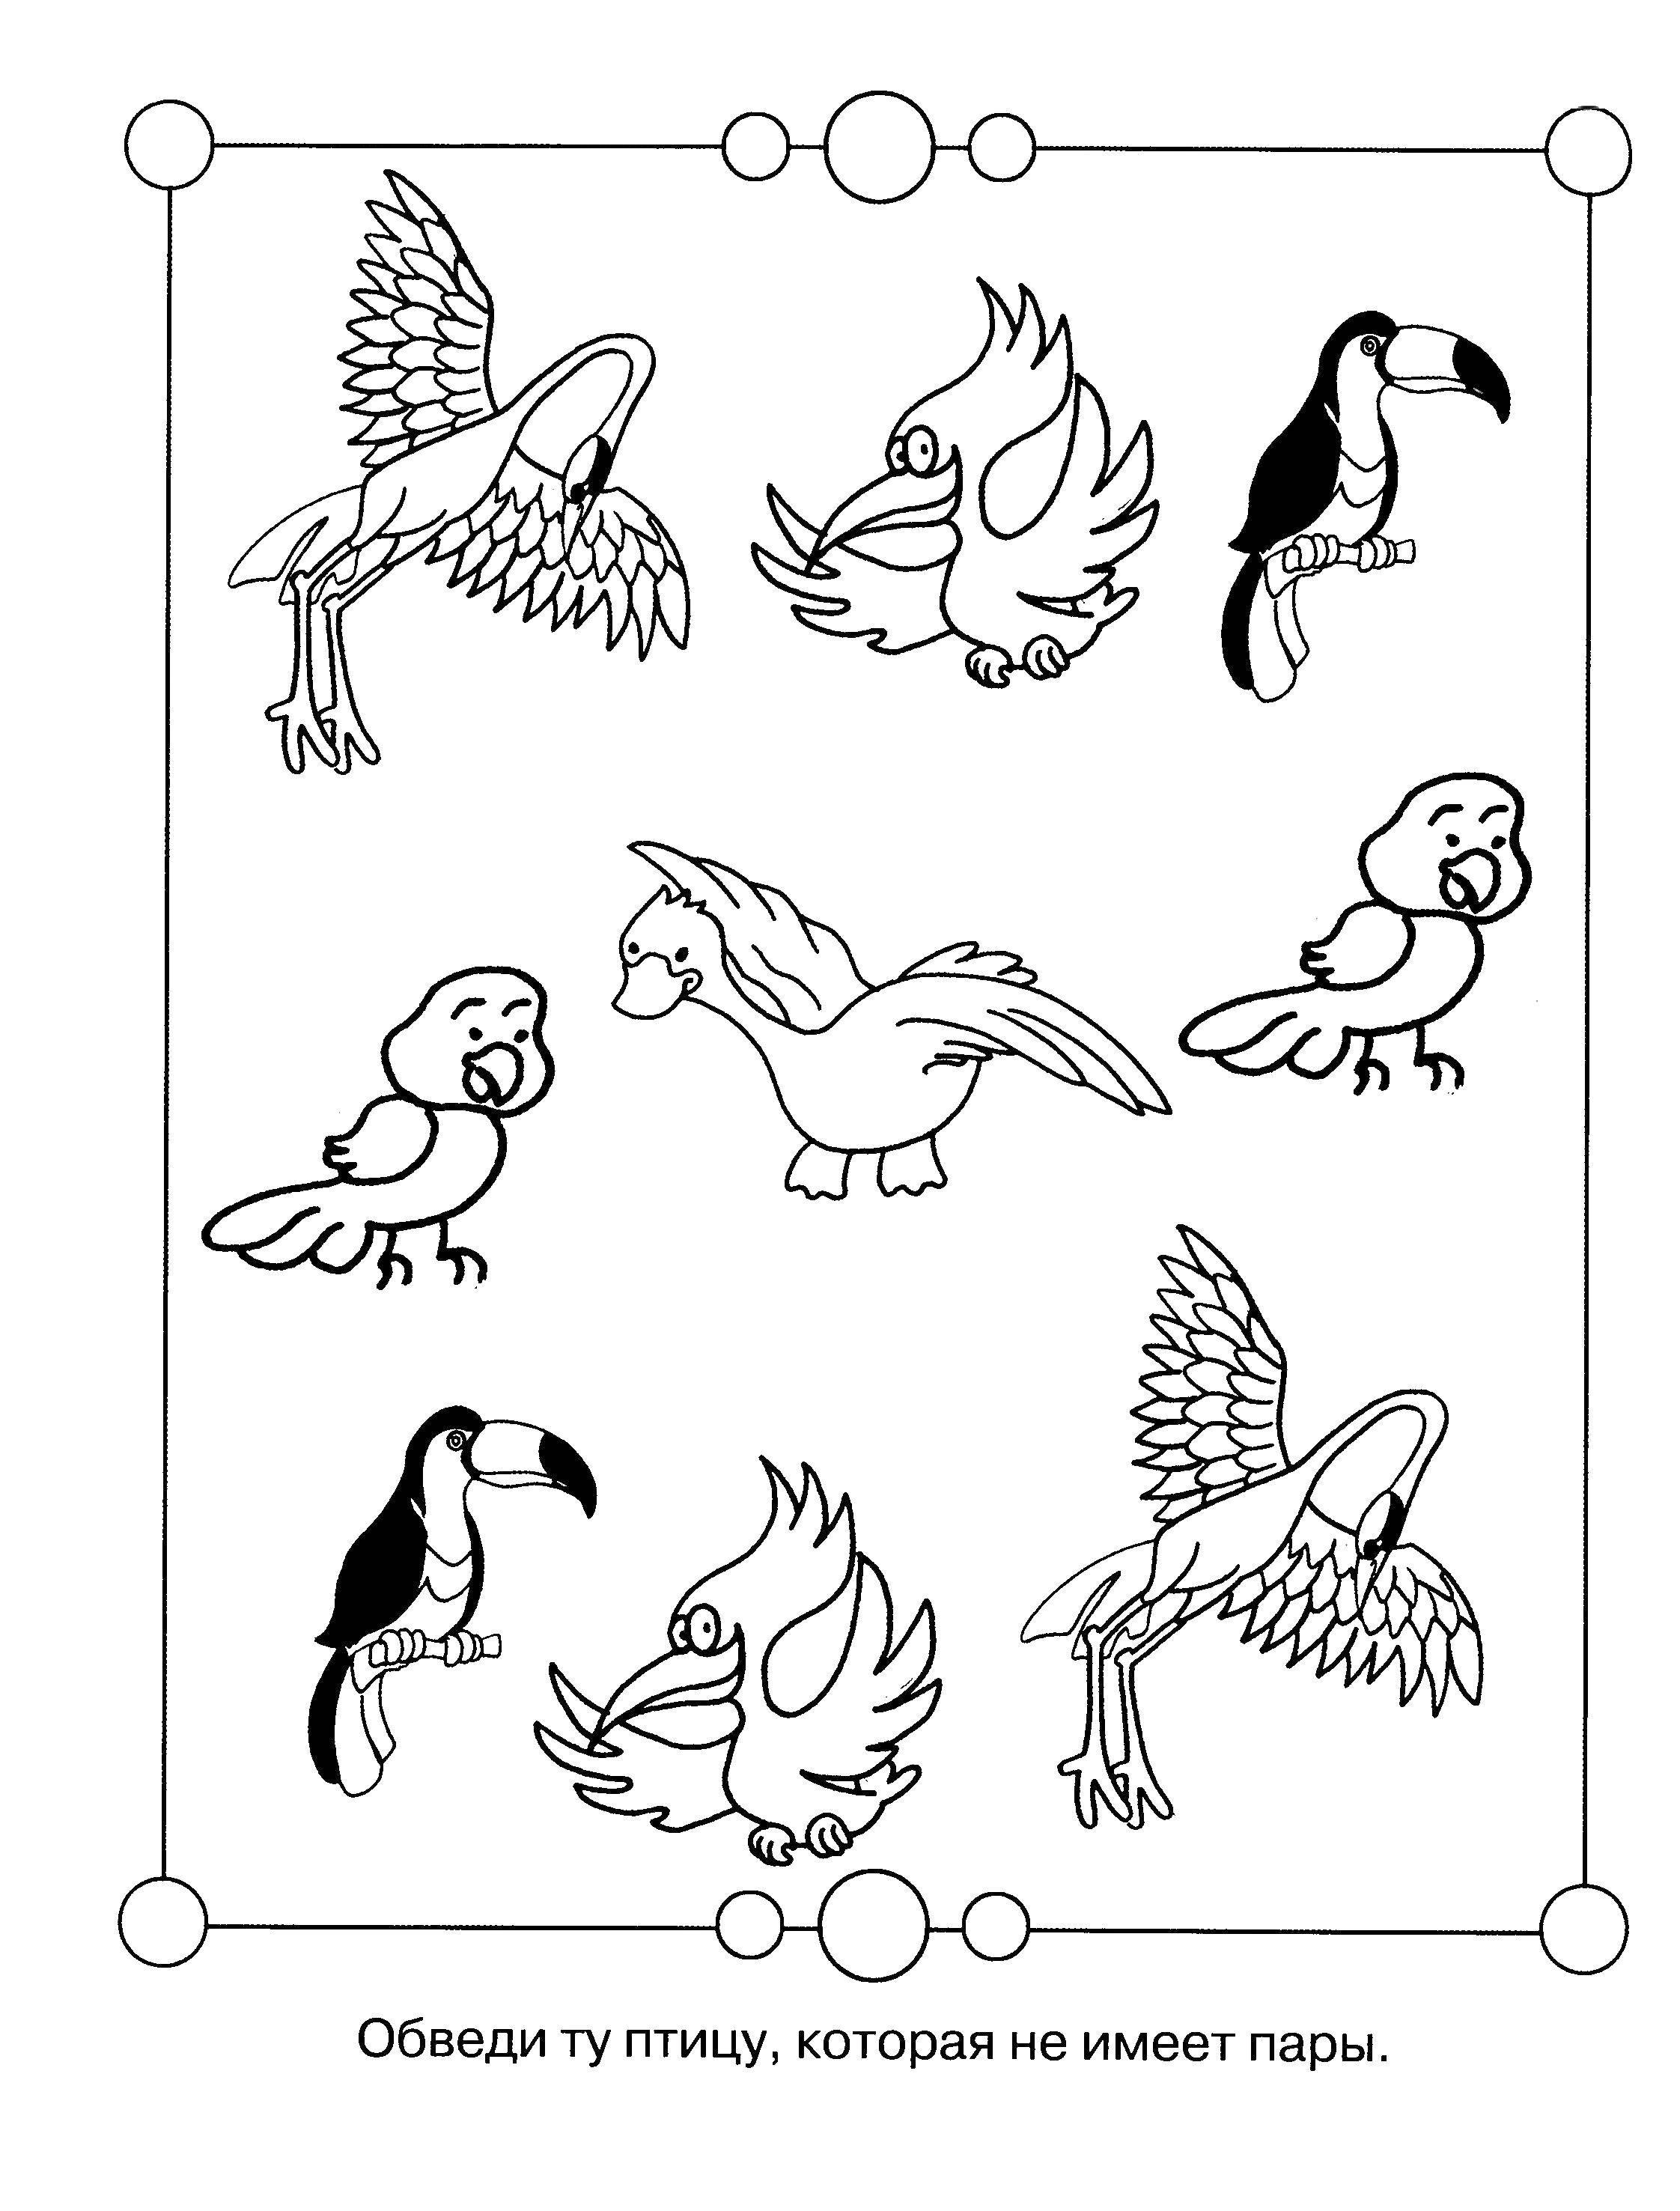 Раскраска Обведи ту птицу, которая не имеет пары Скачать Обучающая раскраска, логика.  Распечатать ,ребусы для детей,